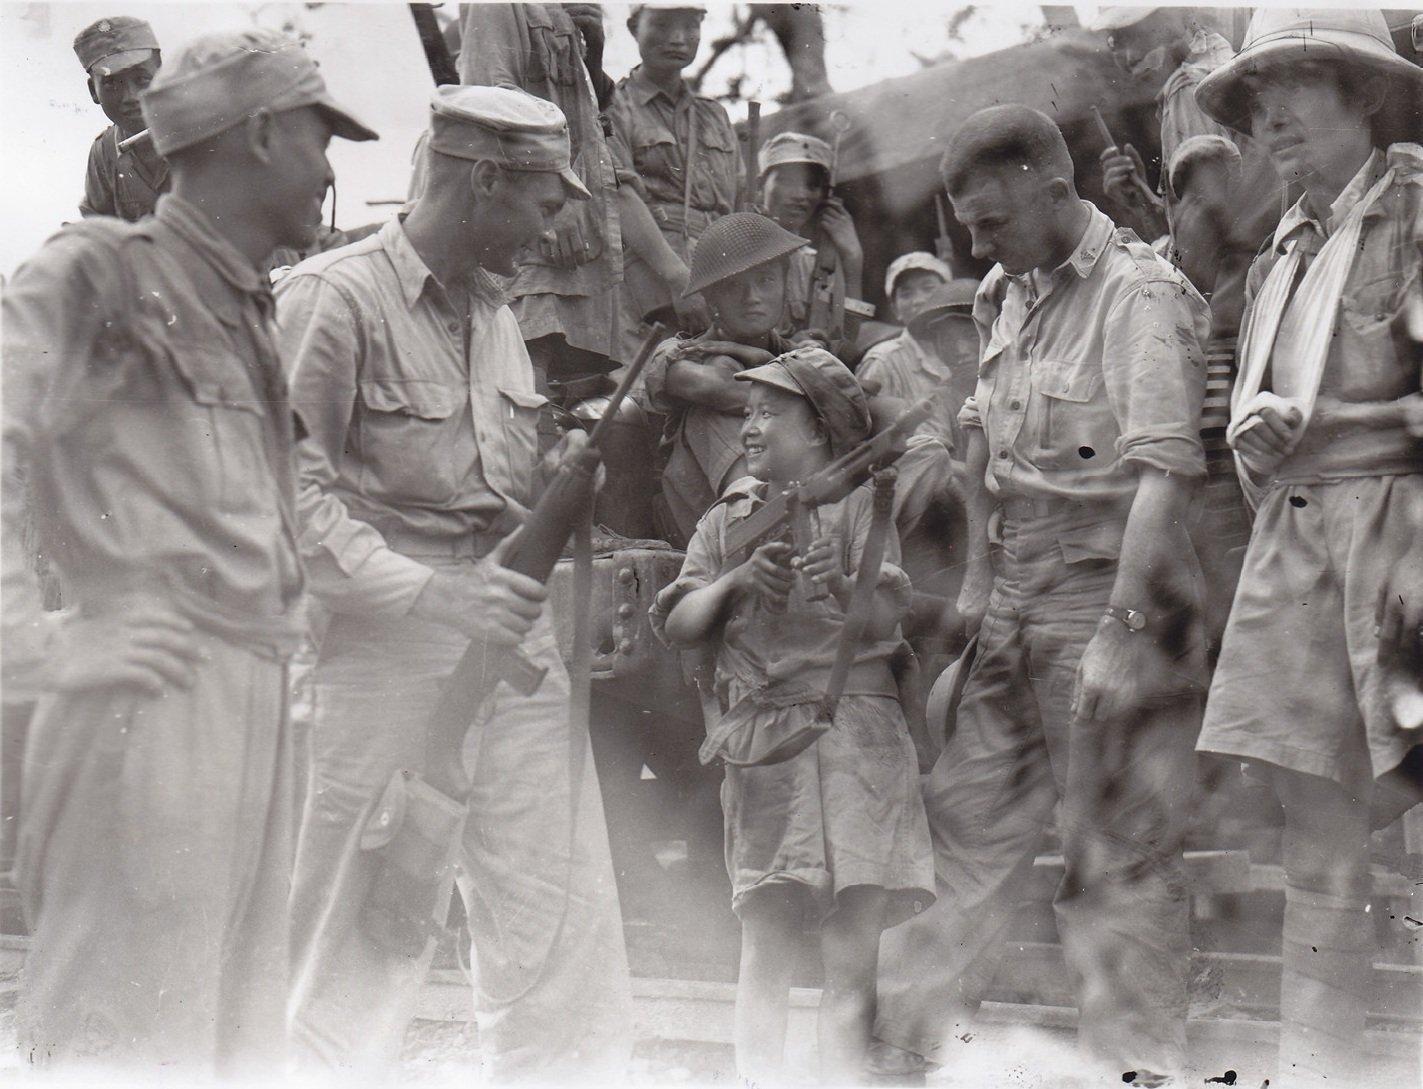 中国军队第14师42团里最年轻的士兵――上等兵李乐贝(音),云南人,年仅12岁,已经入伍一年。美军联络官声称李曾经站着连续向日军投掷了两整箱手榴弹,消灭了很多日军。此刻,他正与两名美军联络官讨论他的冲锋枪。从左到右为,来自俄克拉荷马州阿德莫尔的步兵联络官莱缪尔・约翰逊上尉,华盛顿州塔库玛的医疗联络官克里斯滕森上尉。阿莫尔五级技术军士拍摄于1944年9月12日。